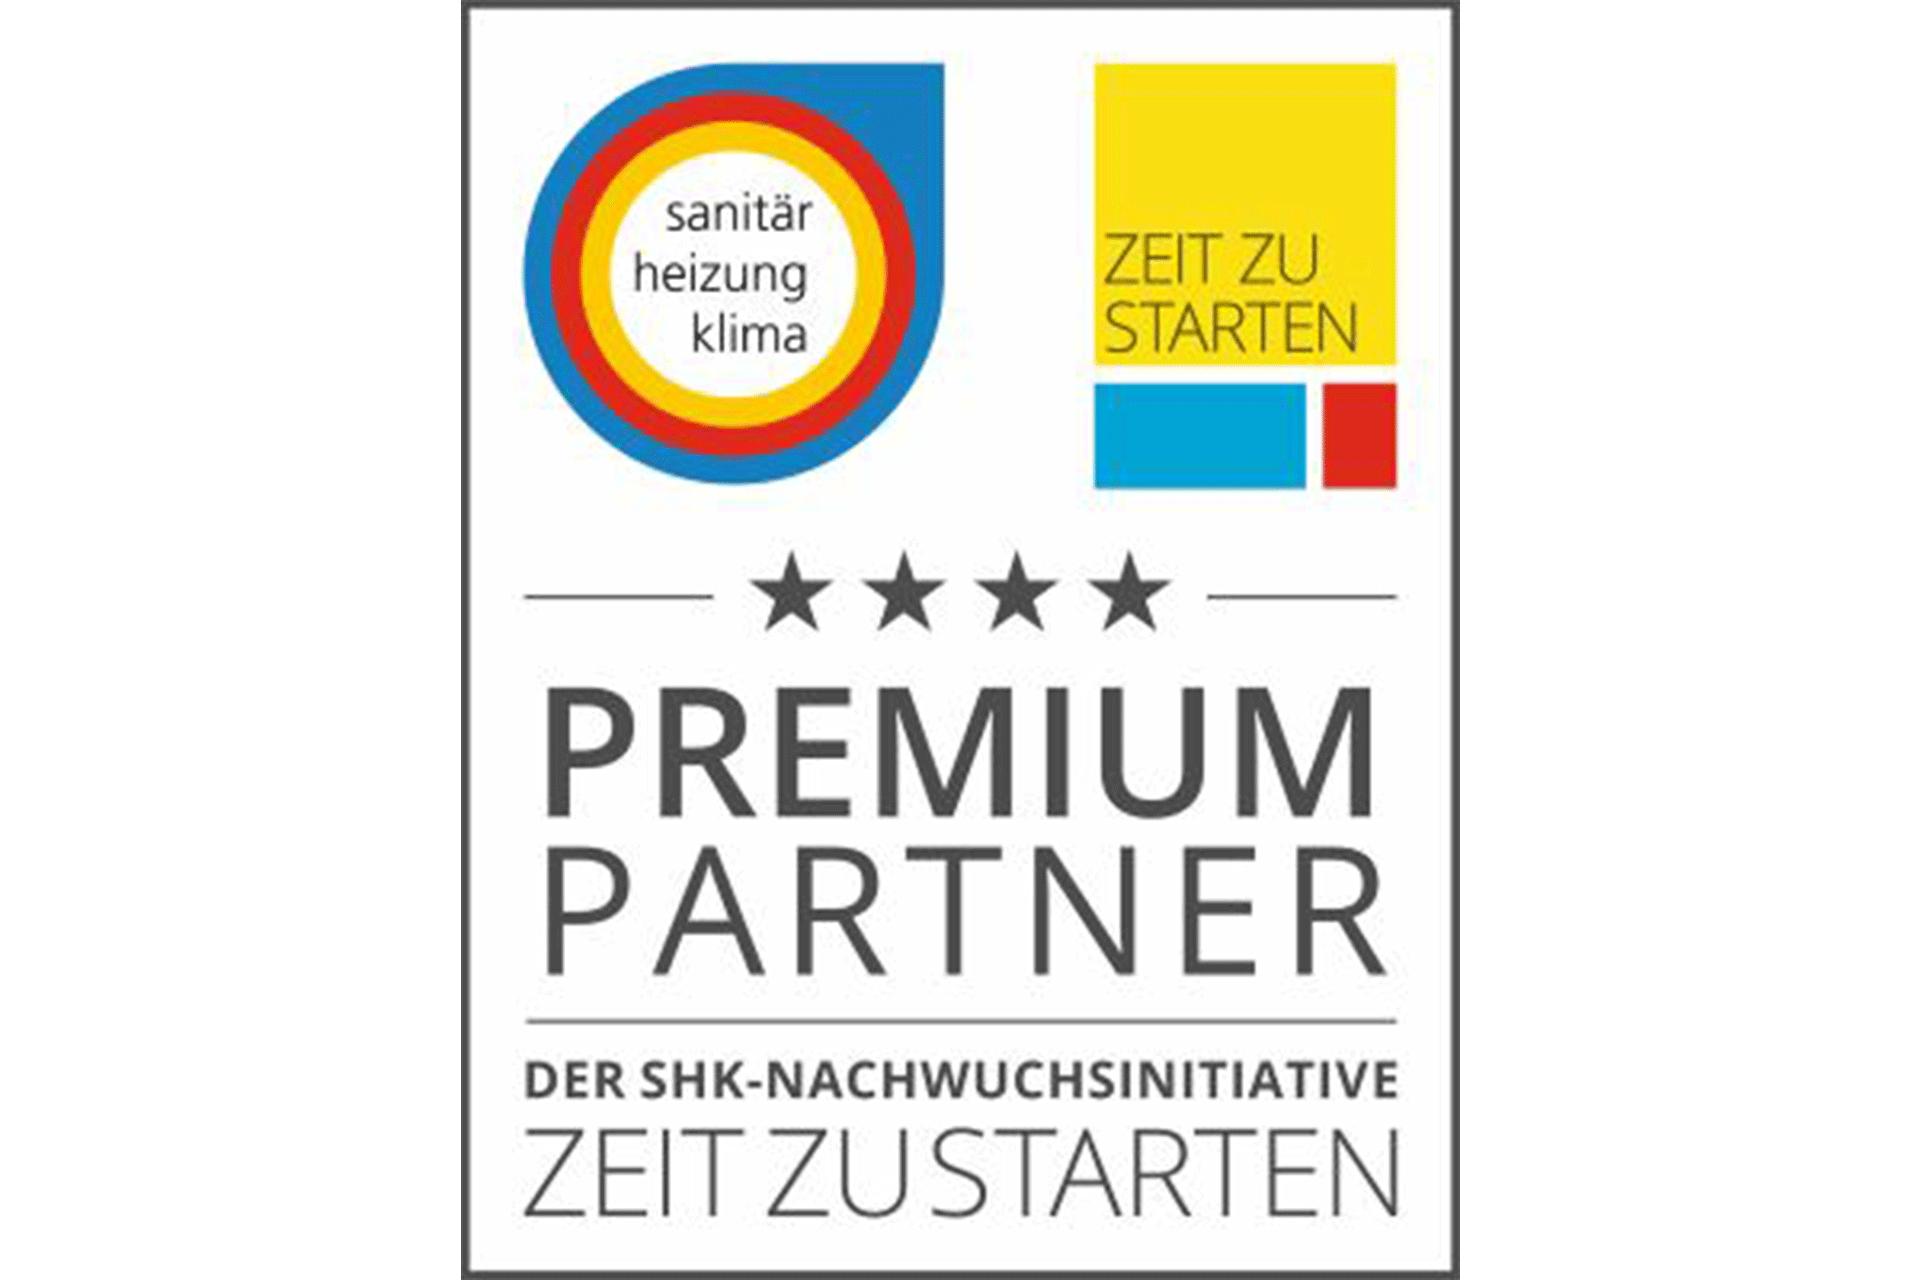 Viessmann Premiumpartner für Nachwuchswerbung